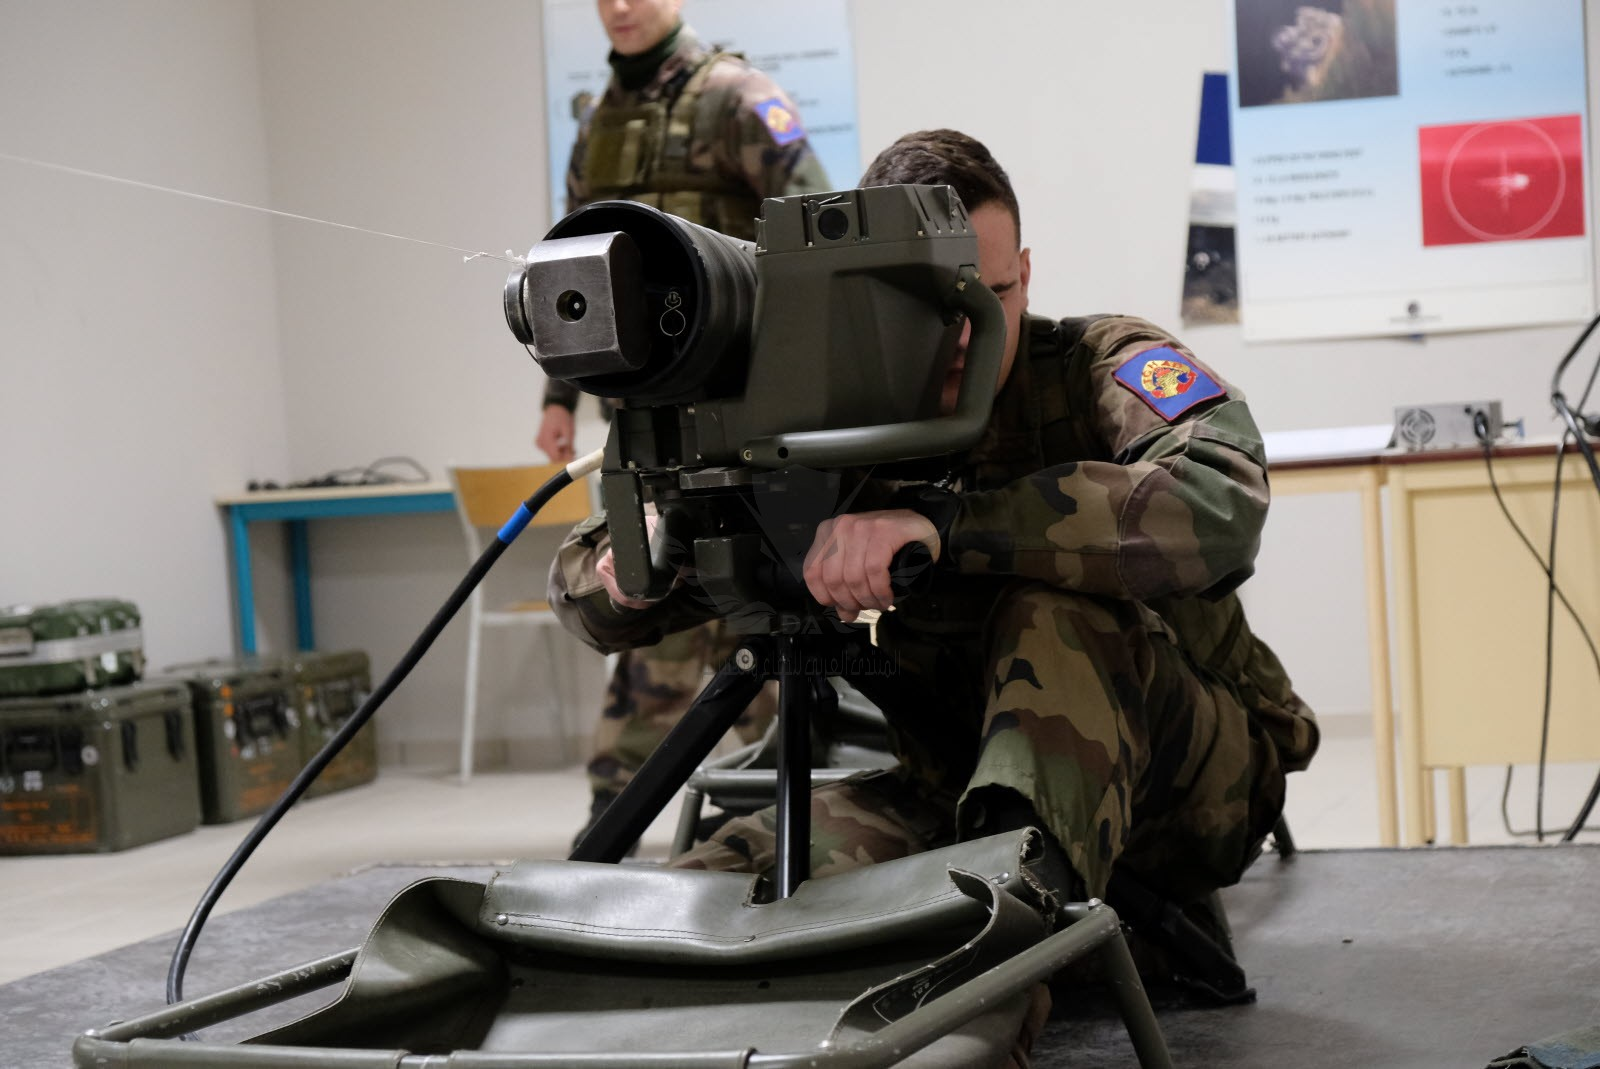 le-simulateur-d-instruction-technique-de-tir-de-missiles-eryx-permet-de-travailler-la-visee-le...jpg